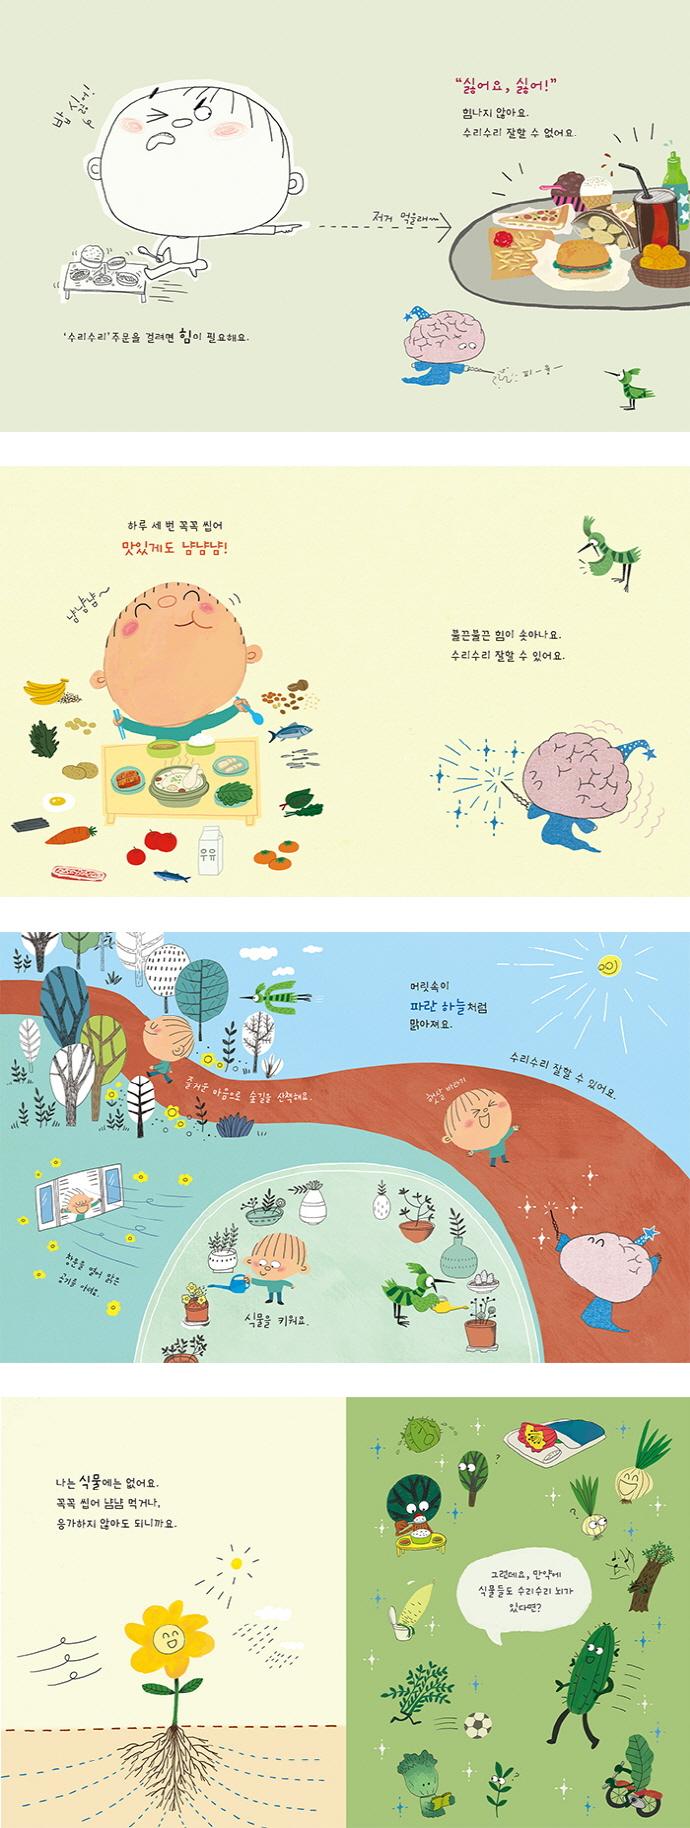 신기한 머릿속 이야기 수리수리 뇌(마루벌의 좋은 그림책 95)(양장본 HardCover) 도서 상세이미지